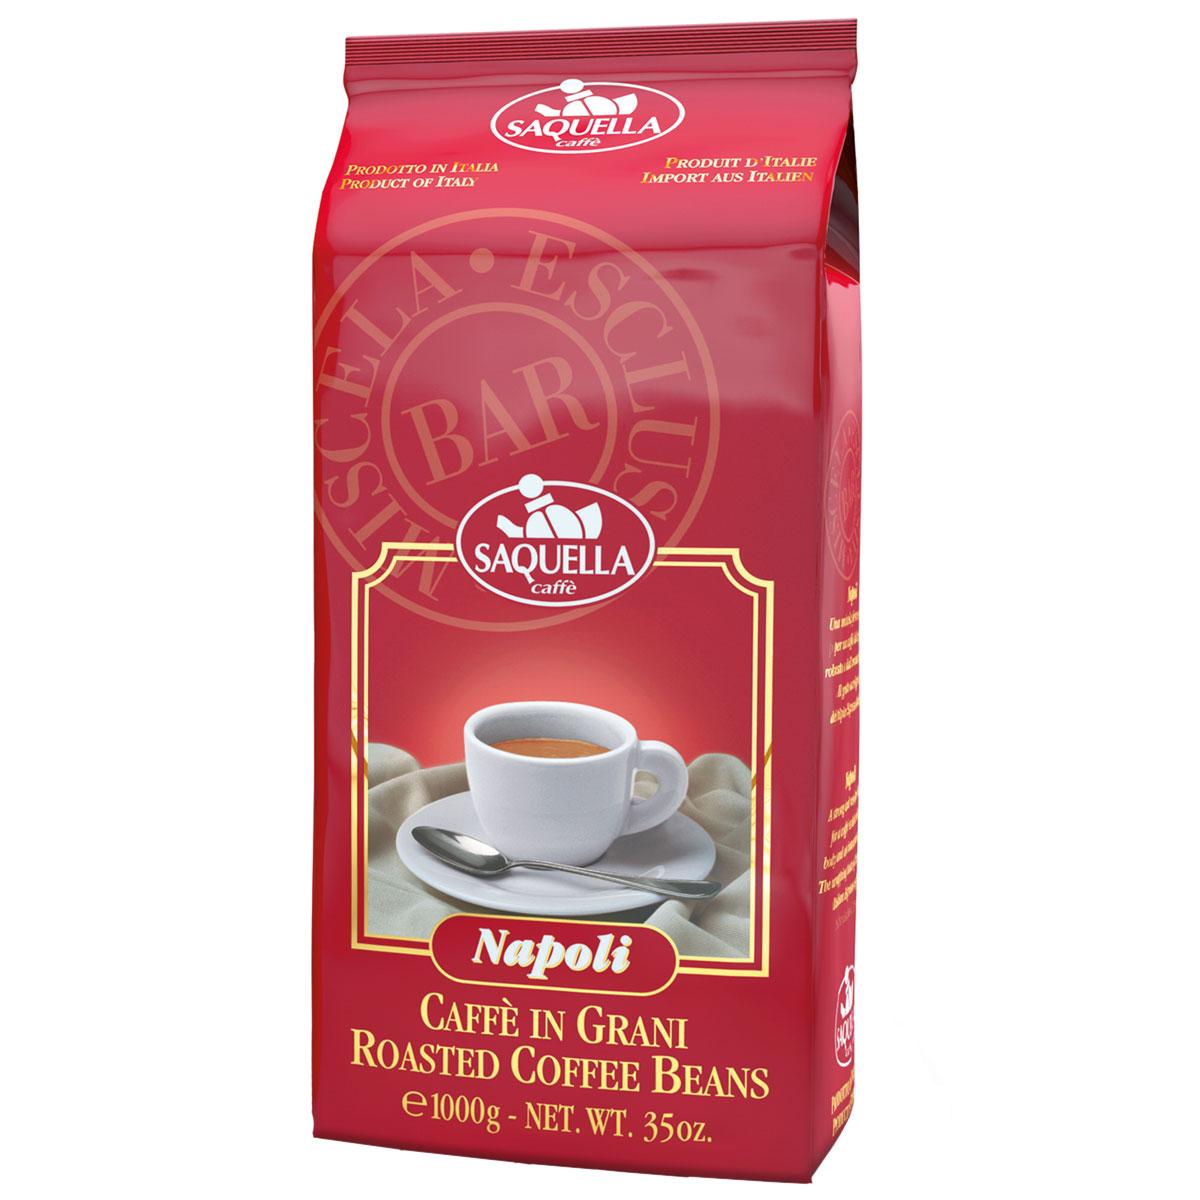 Saquella Napoli Bar кофе в зернах, 1000 г604354Saquella Napoli BAR - несравненный сорт с интенсивным и насыщенным вкусом Южноамериканской арабики и Индонезийской робусты. Эта смесь имеет мягкое винное послевкусие и густую пенку. Благодаря низкому содержанию кофеина, напиток можно употреблять и в вечернее время.